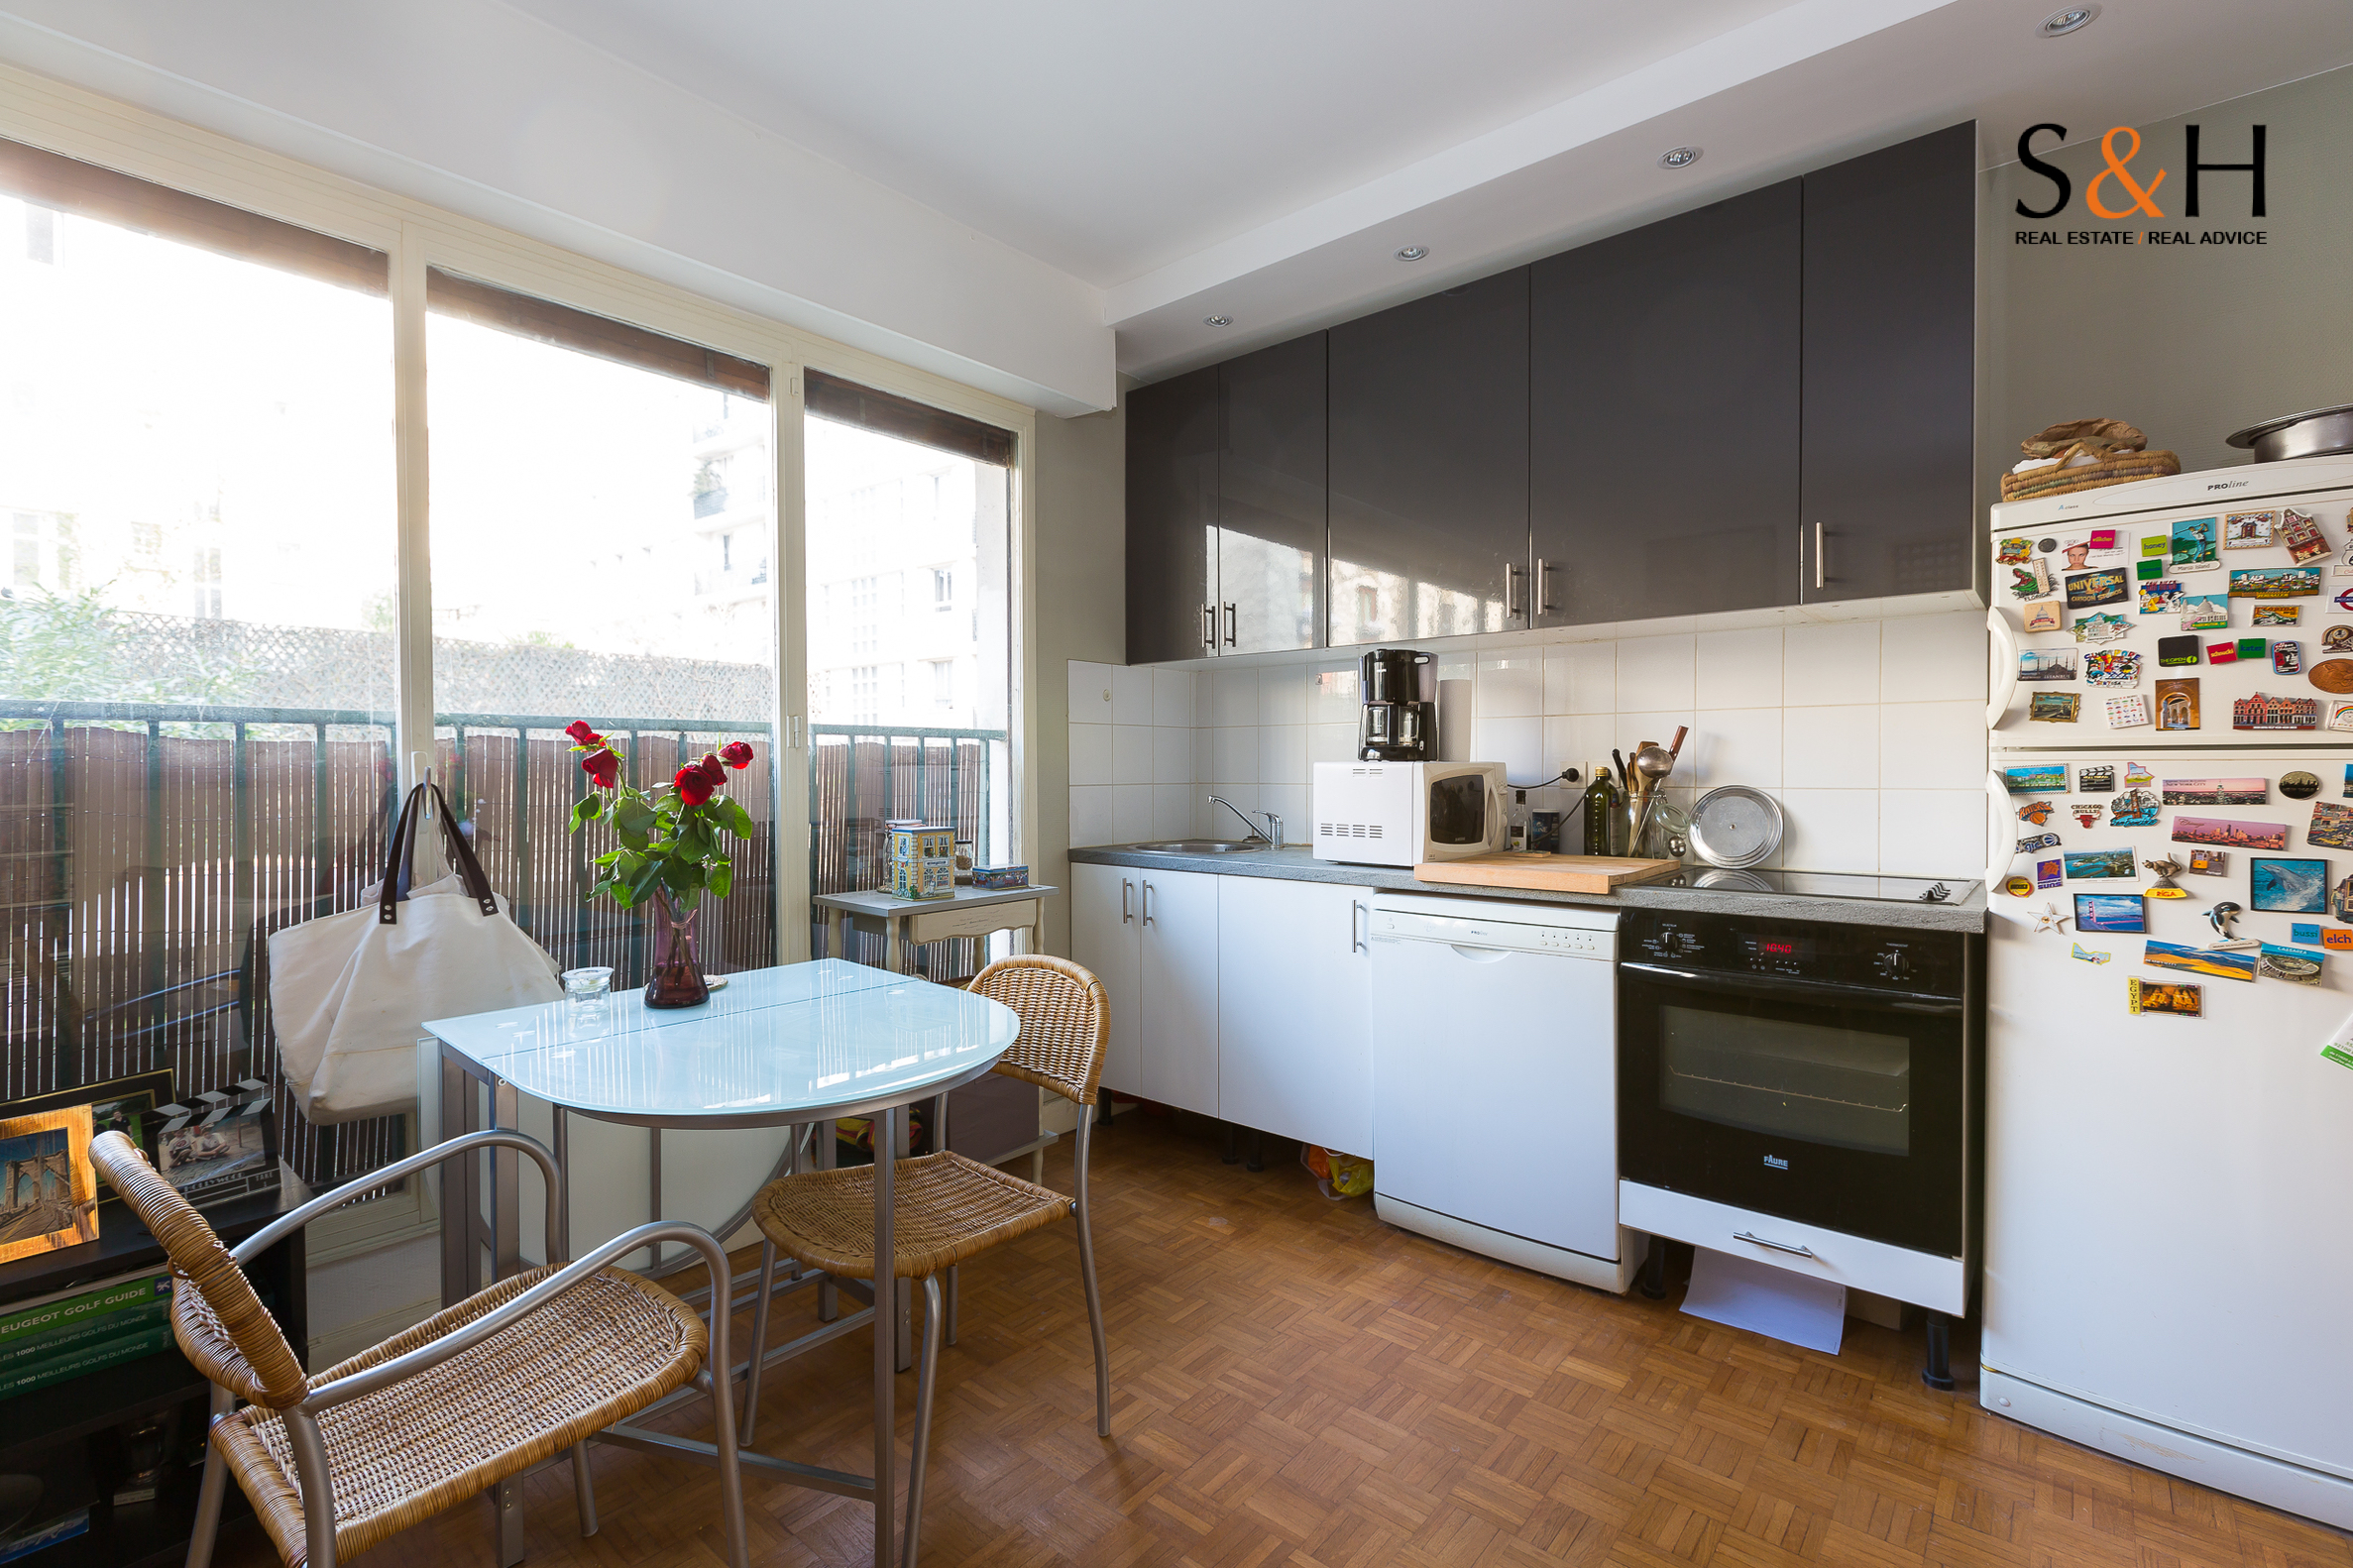 Appartement Boulgne 2 pièces limite Paris 16 à vendre